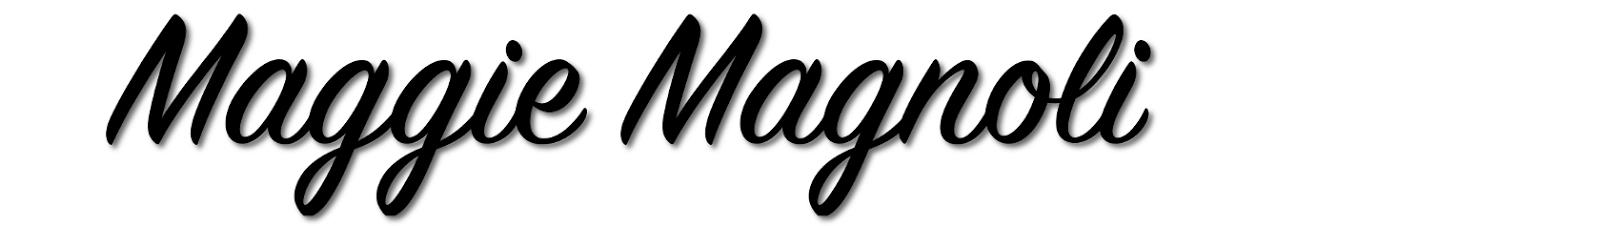 Maggie Magnoli